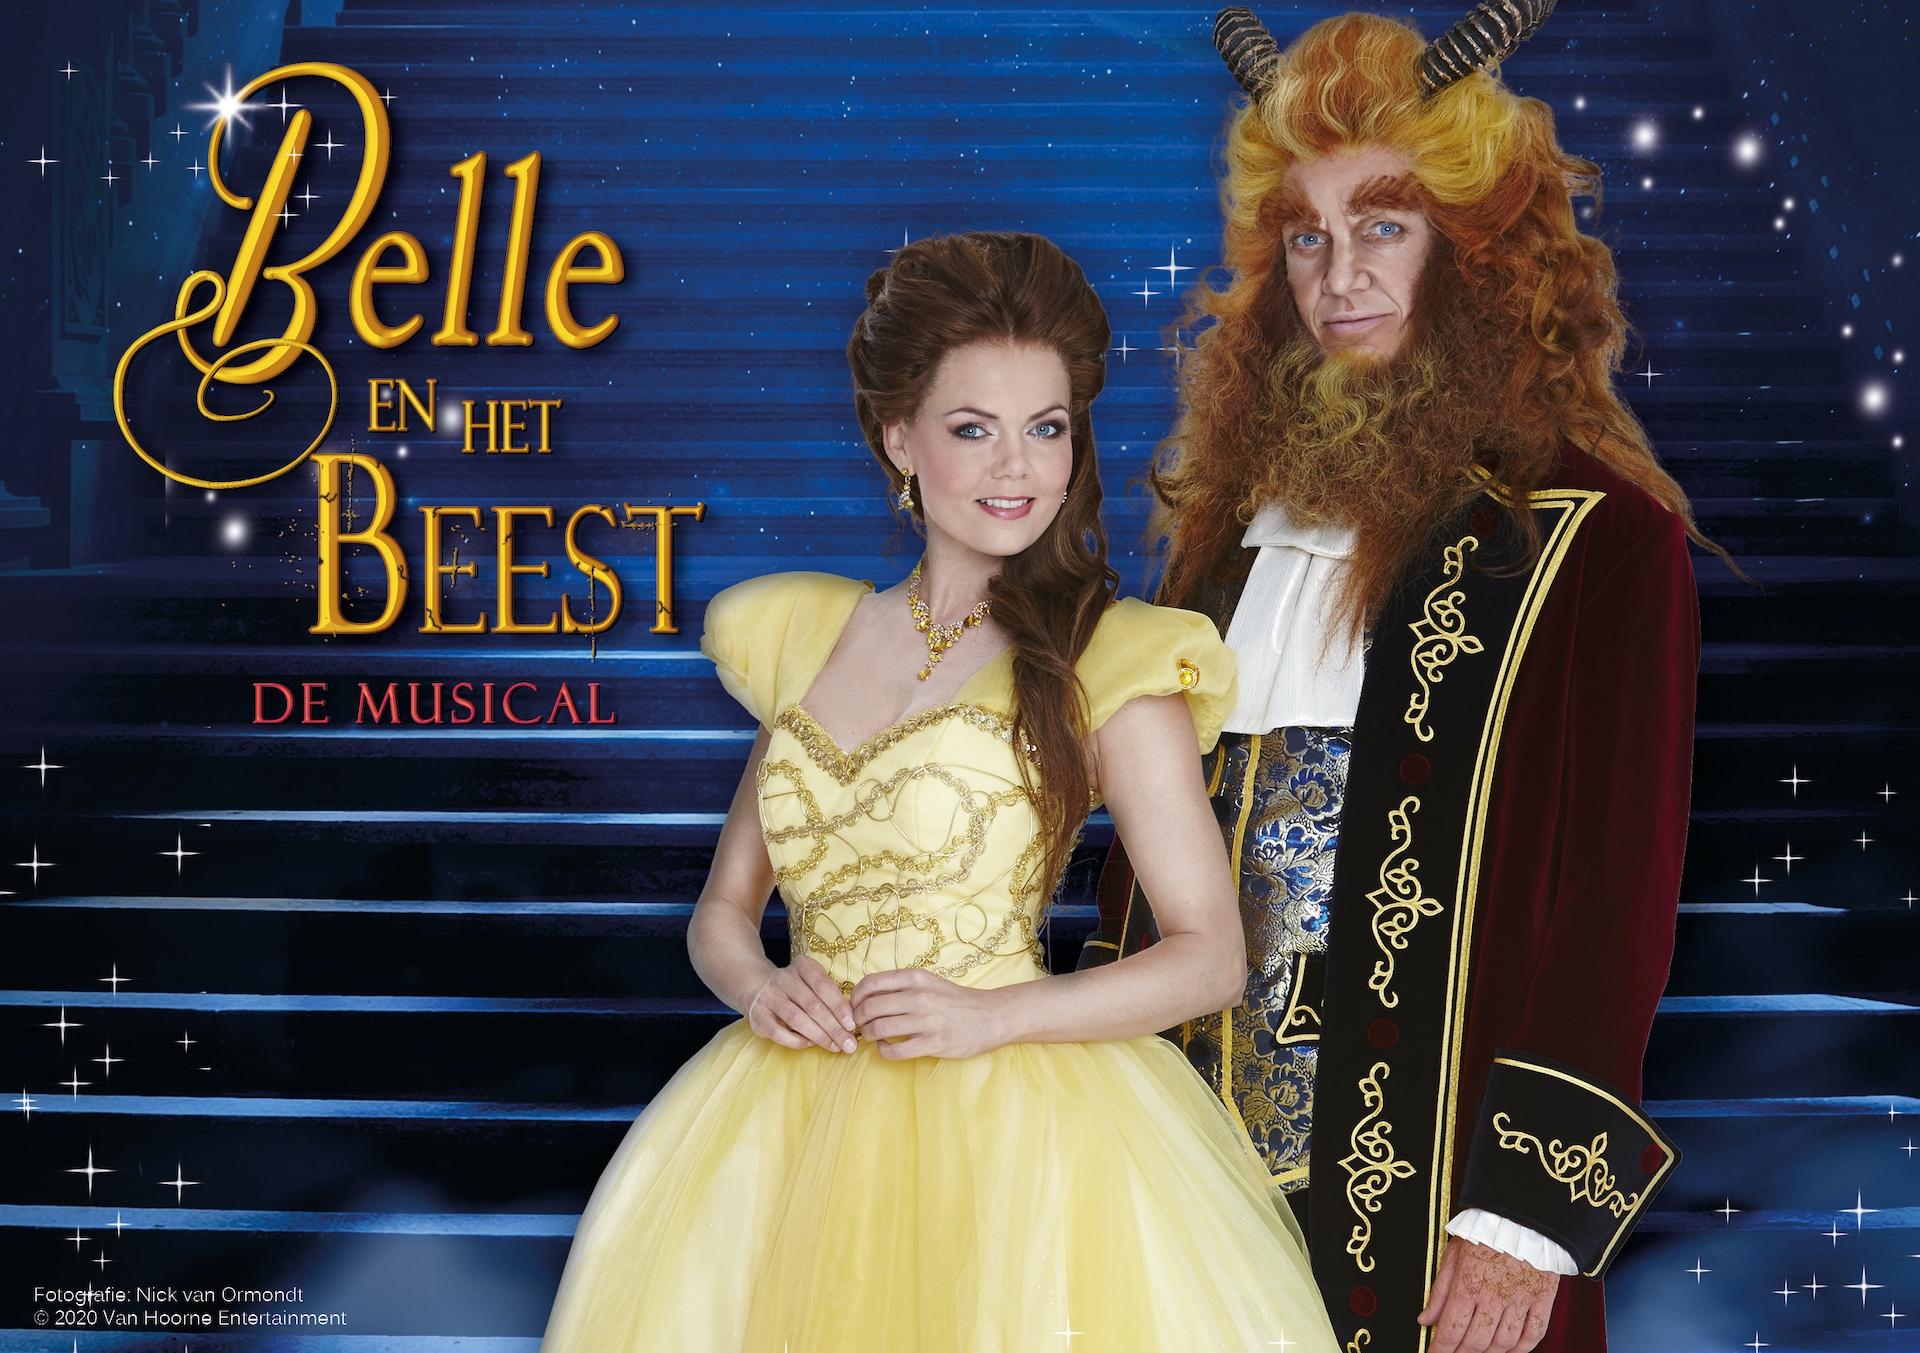 Na Corona eindelijk hervat: 'Belle en het Beest De Musical'